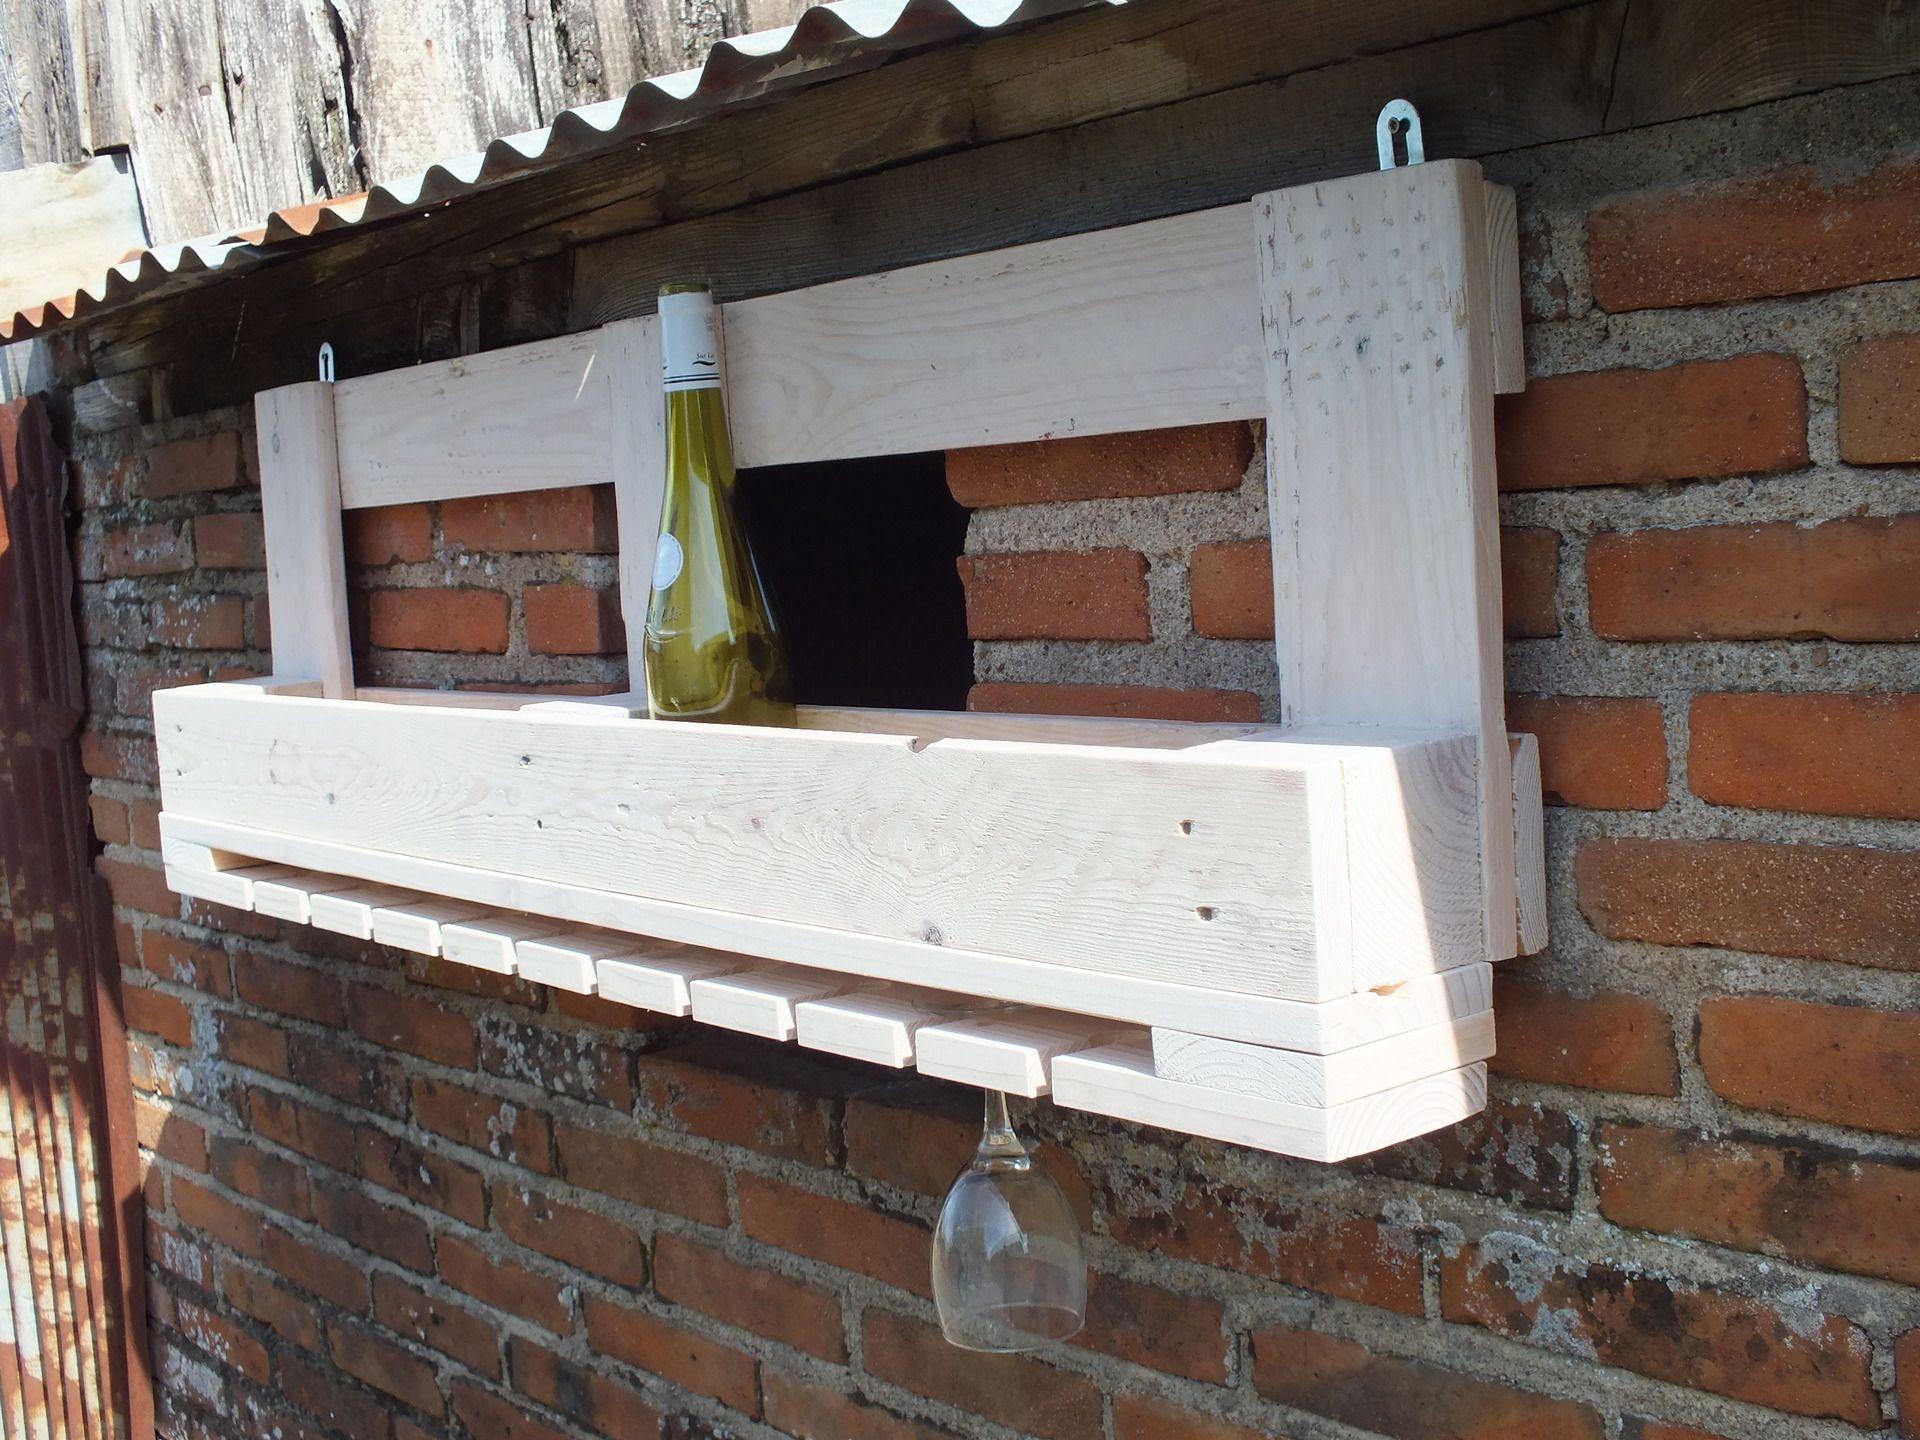 etag re de bar en bois de palette pour bouteilles et verres meubles et rangements par la fee. Black Bedroom Furniture Sets. Home Design Ideas